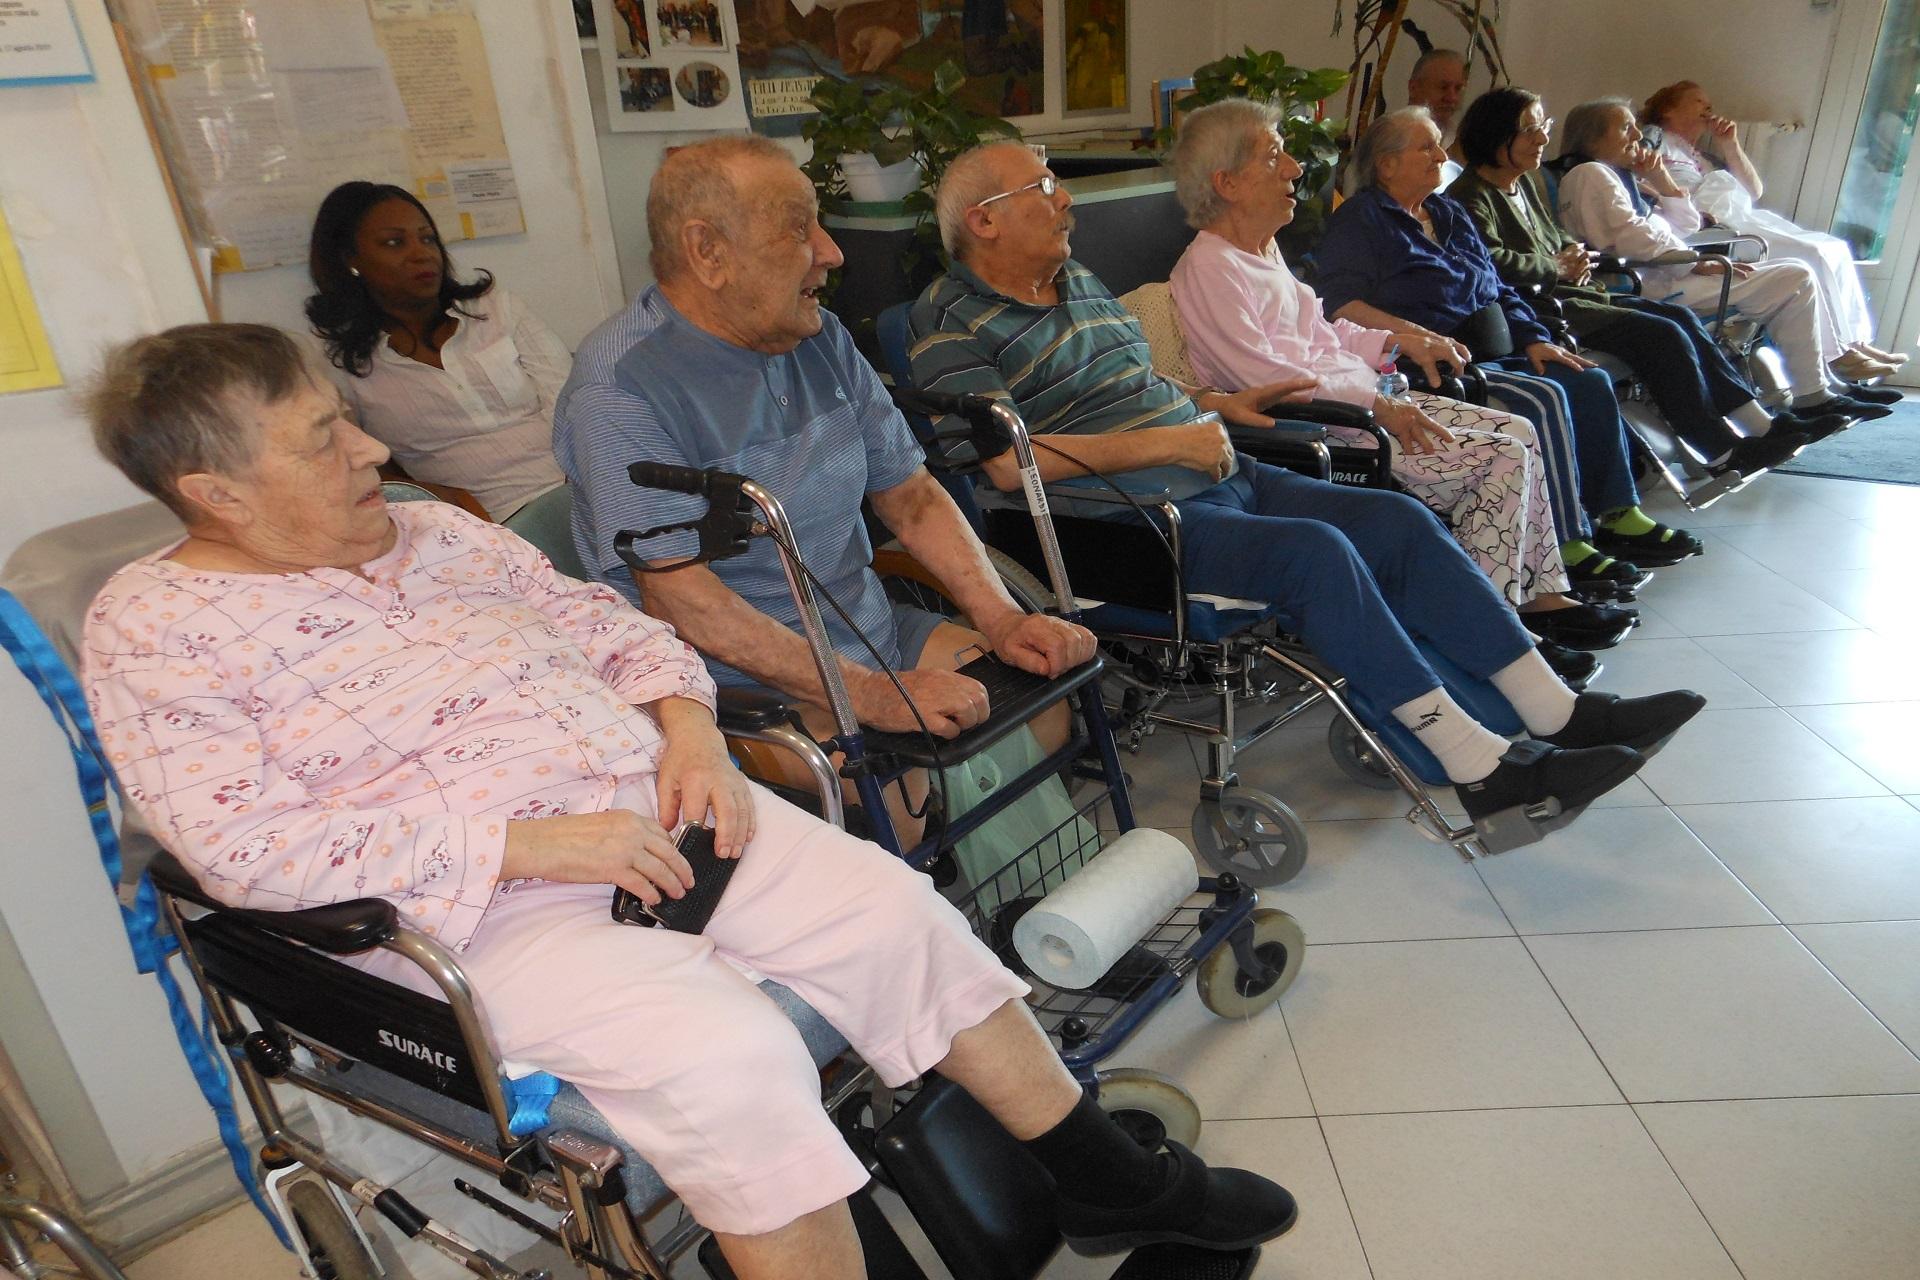 Settimana di Pasqua Residenza Sanitaria Assistenziale Noceti | Opere Sociali Servizi Savona